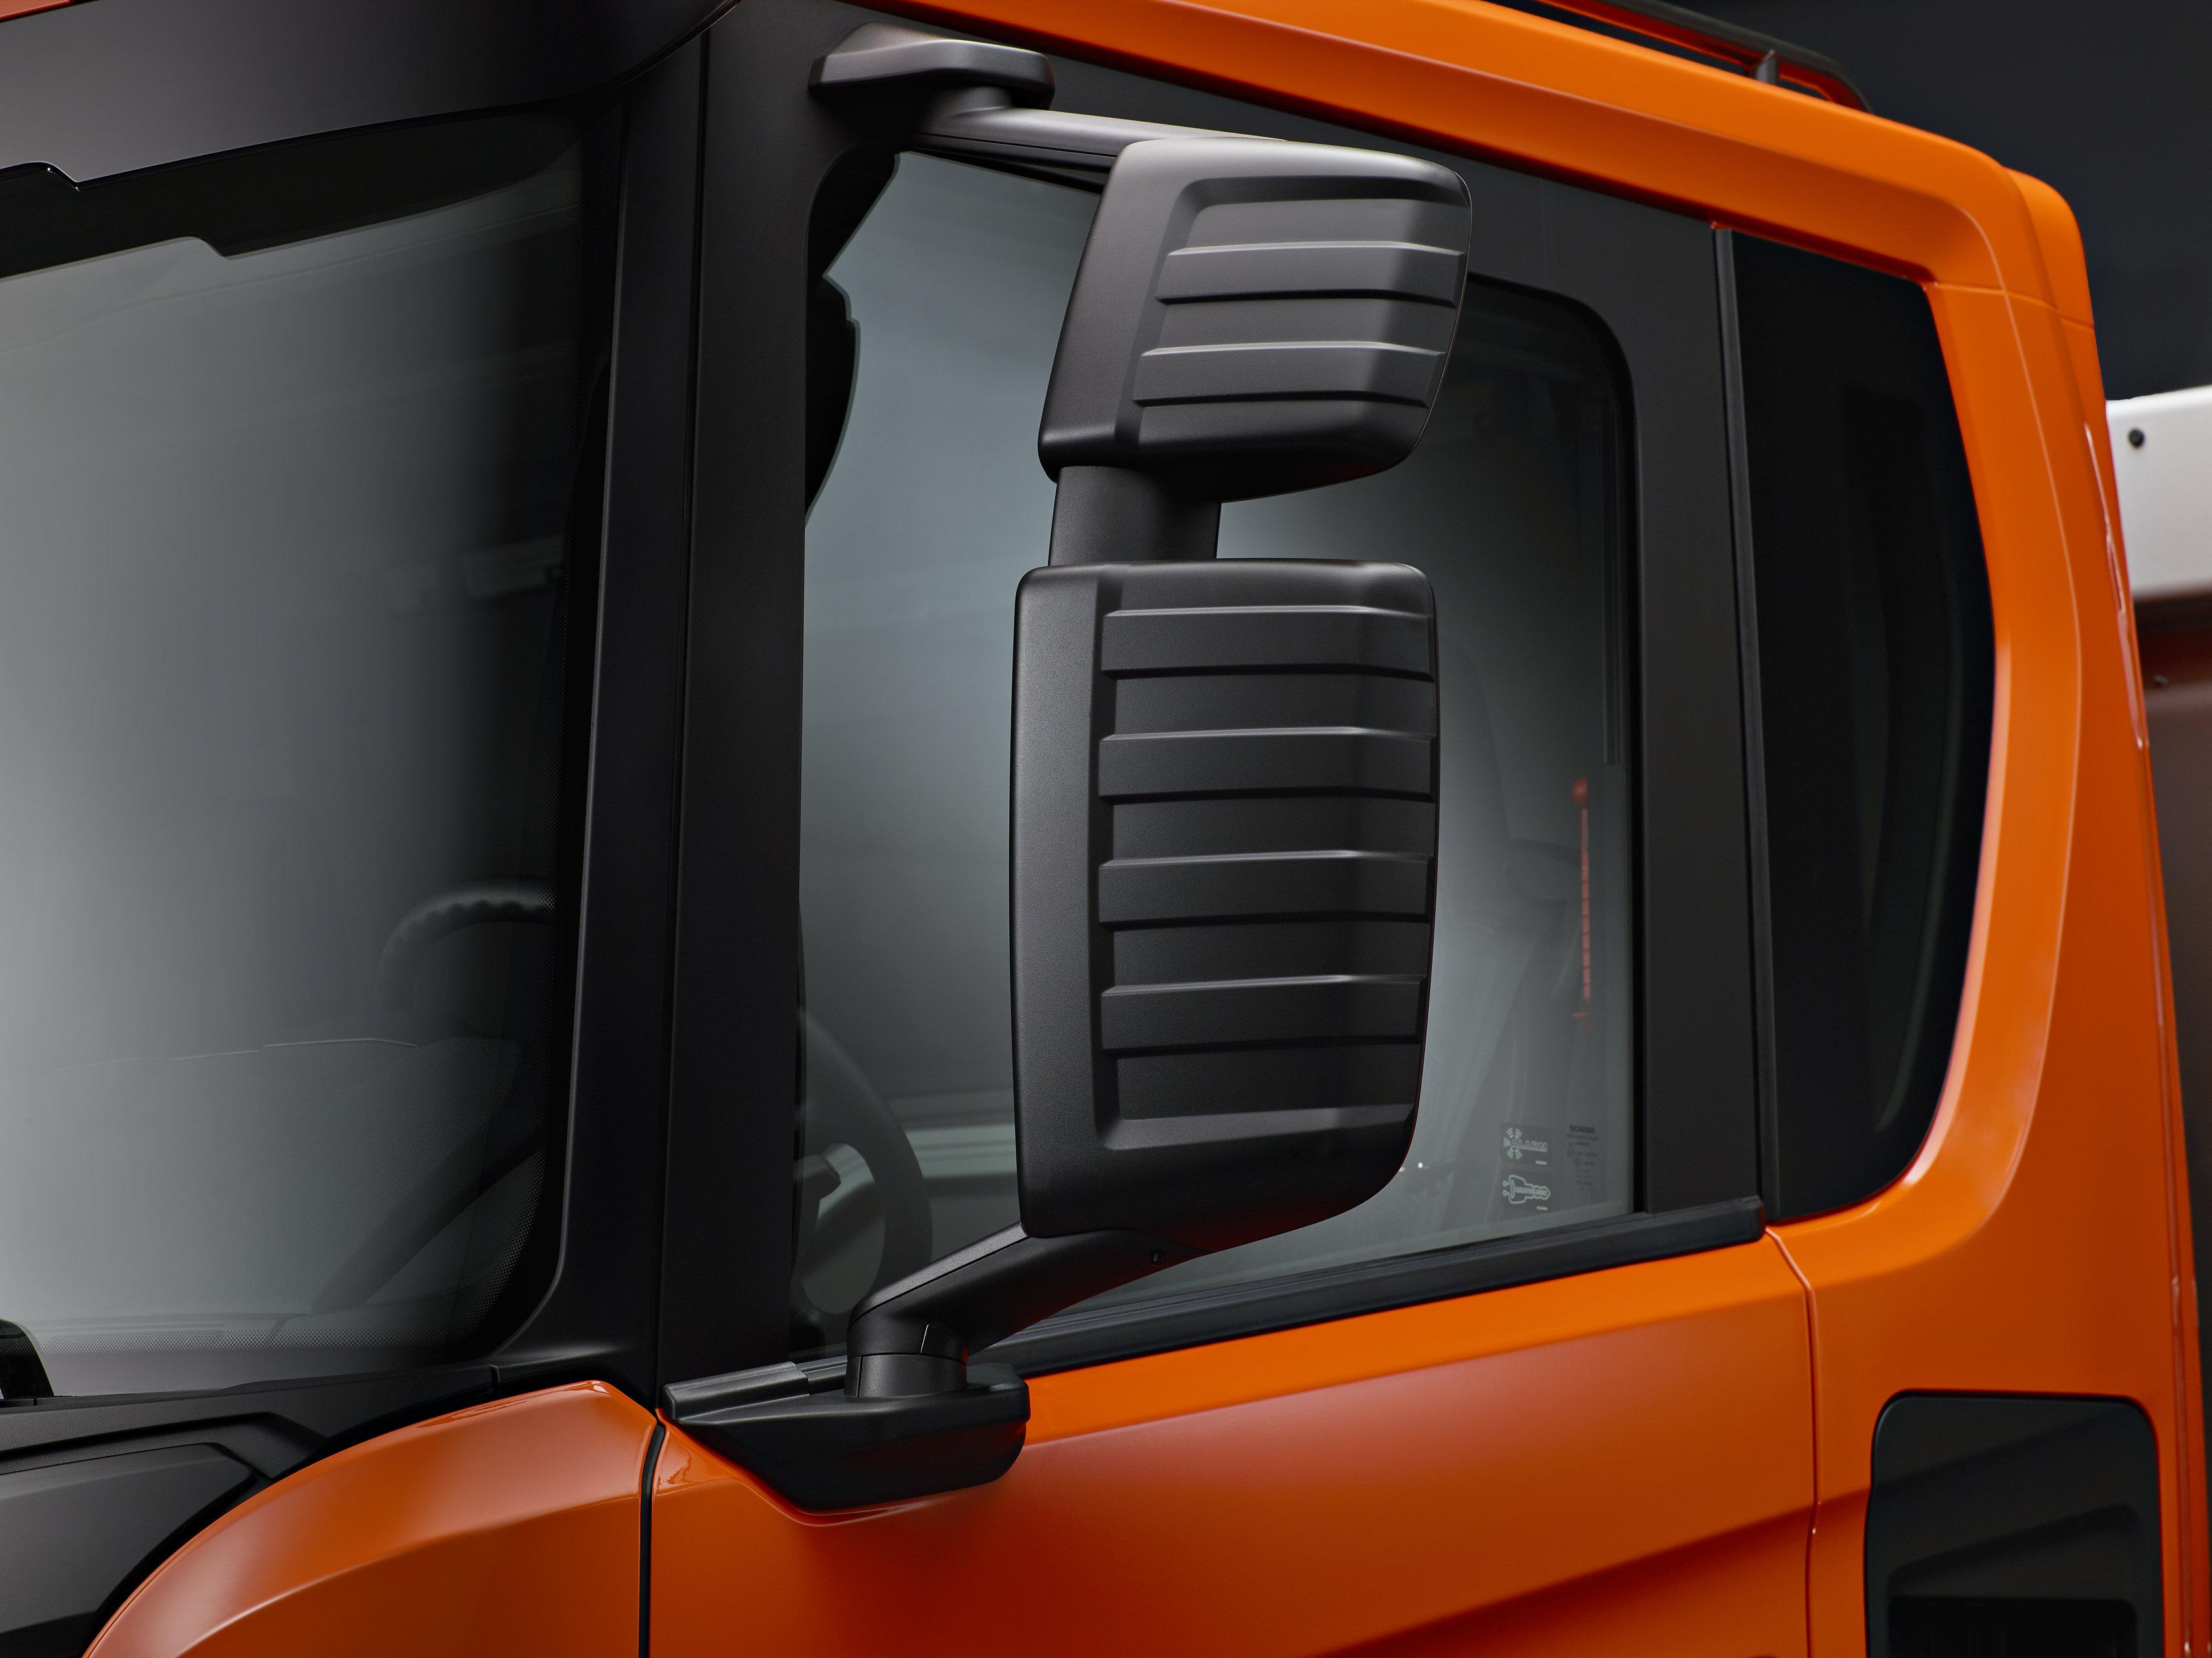 <p>Slagvaste spiegelbehuizing is typisch voor de XT-modellen.</p>